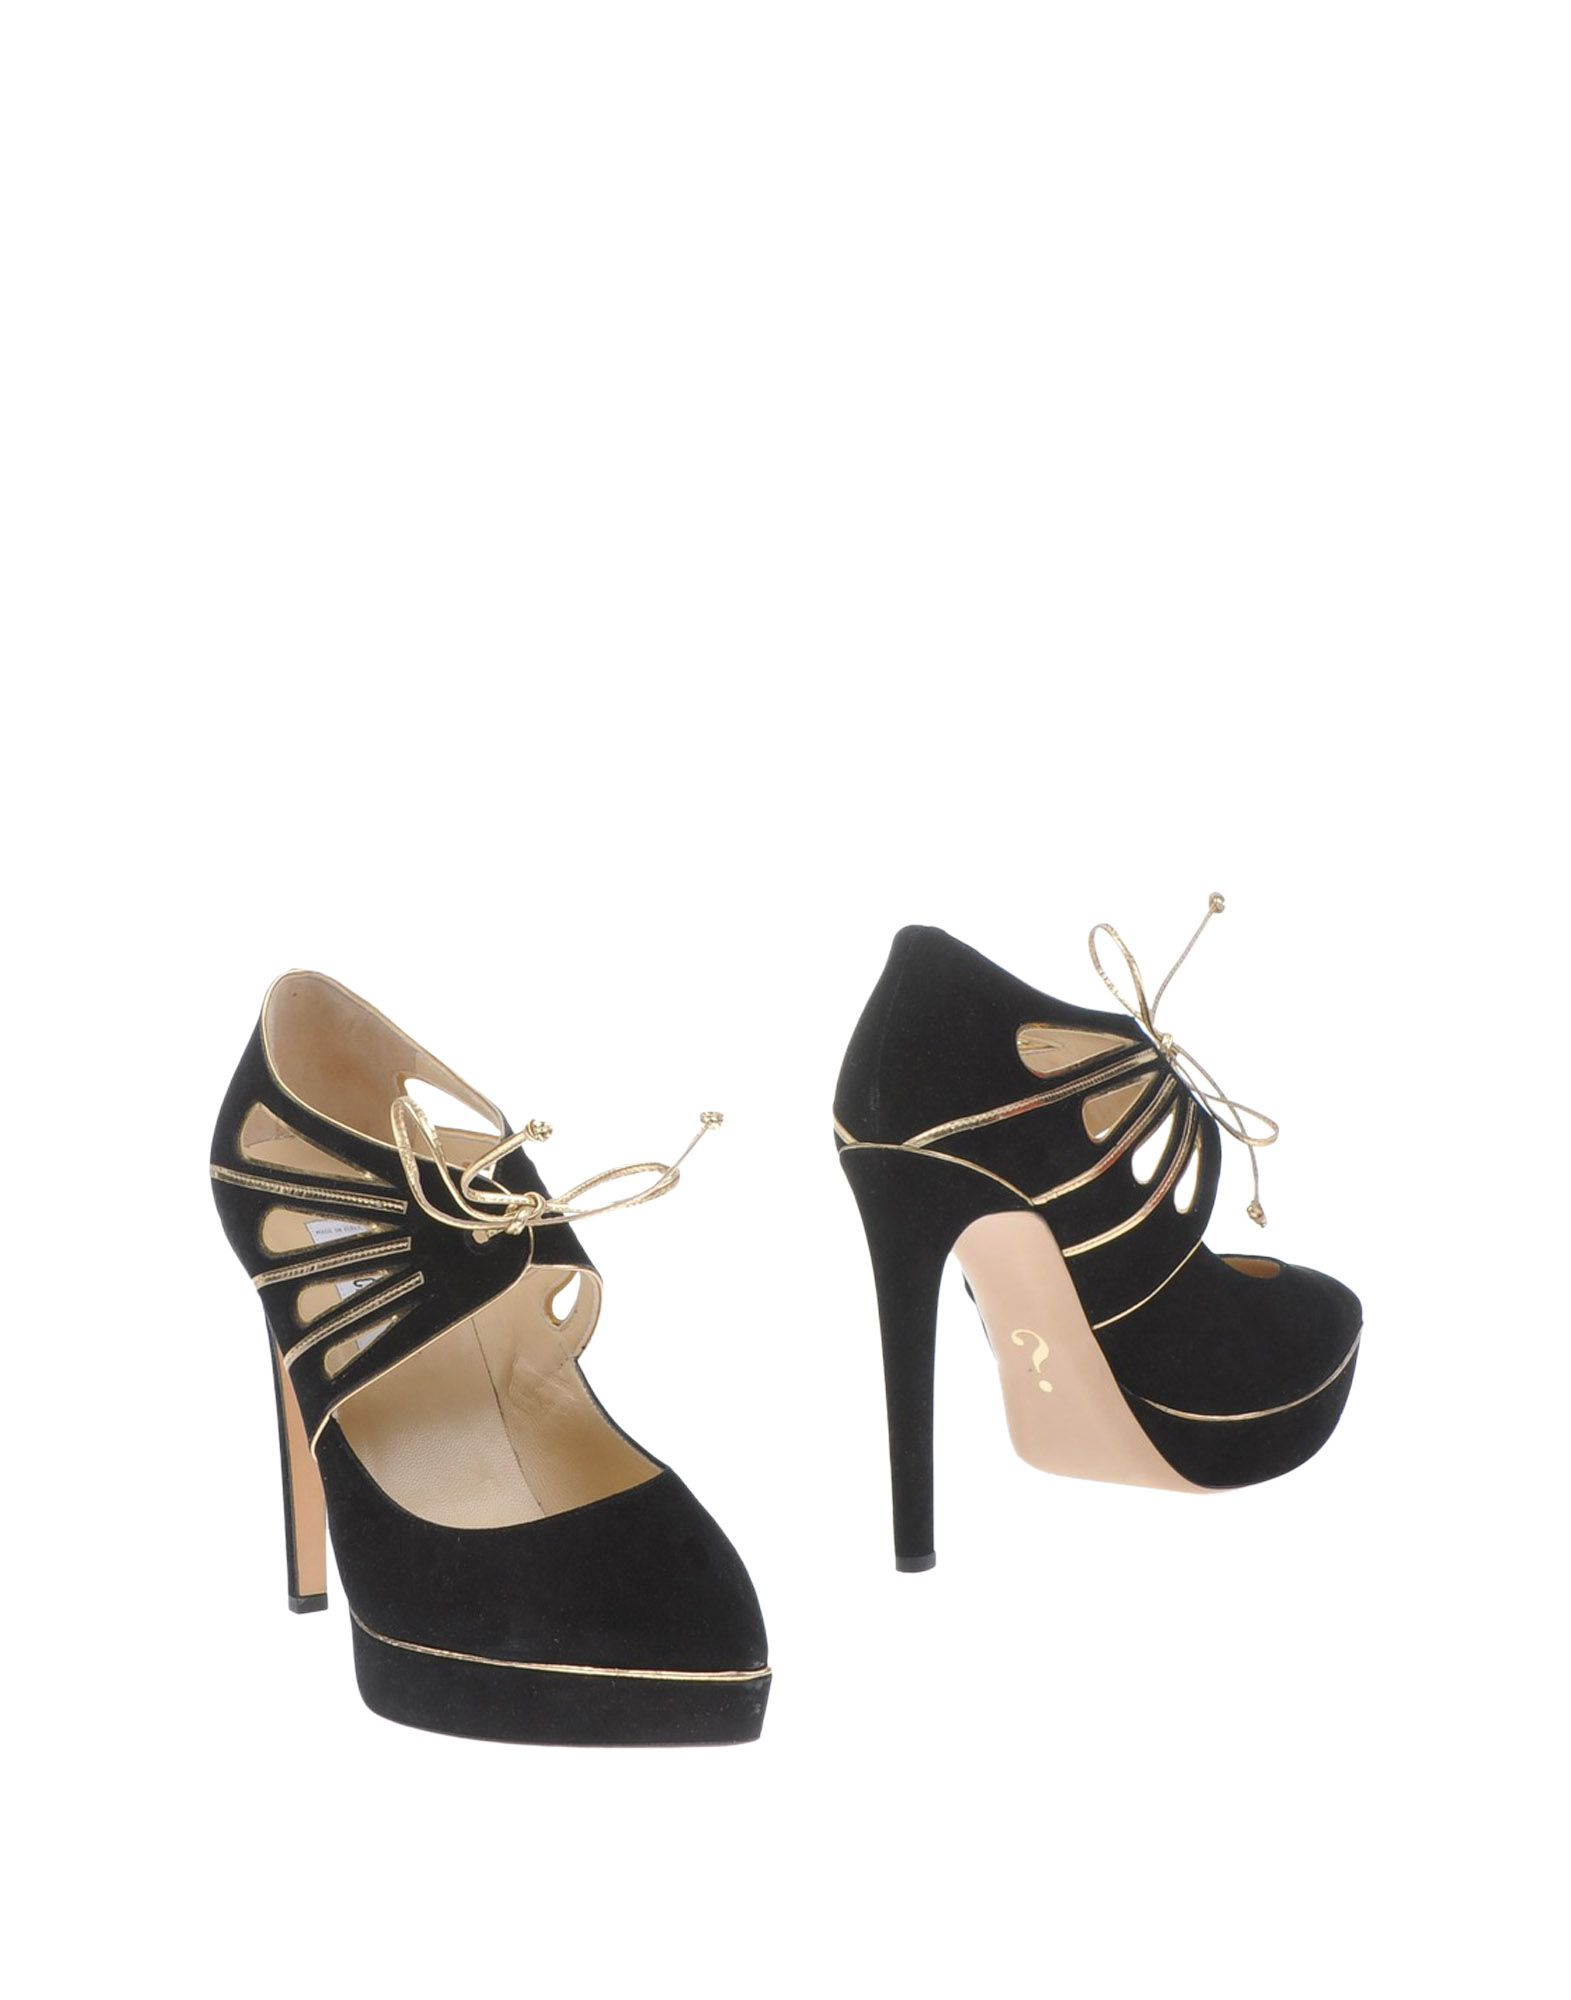 Moschino Heiße Stiefelette Damen  11284036IW Heiße Moschino Schuhe 122cc5